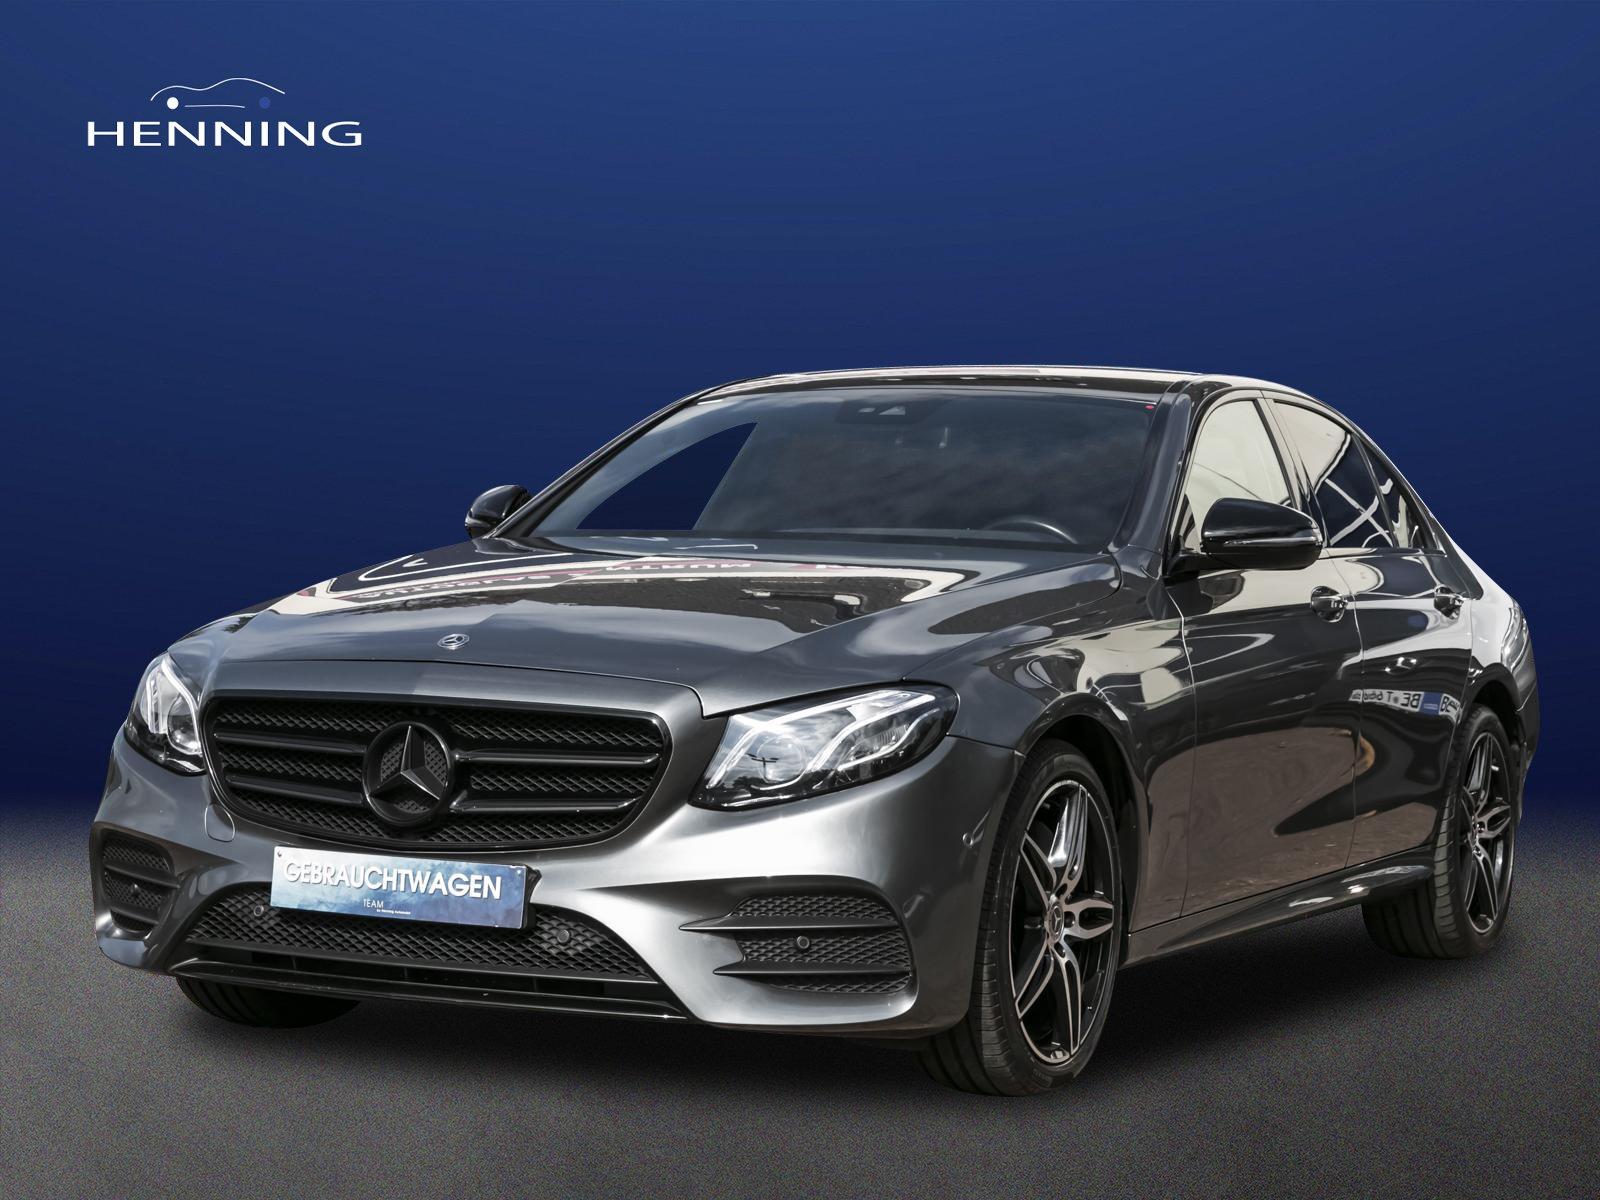 Mercedes-Benz E 220 d Limo AMG-Line Widesc. Burme. Comand, Jahr 2017, Diesel